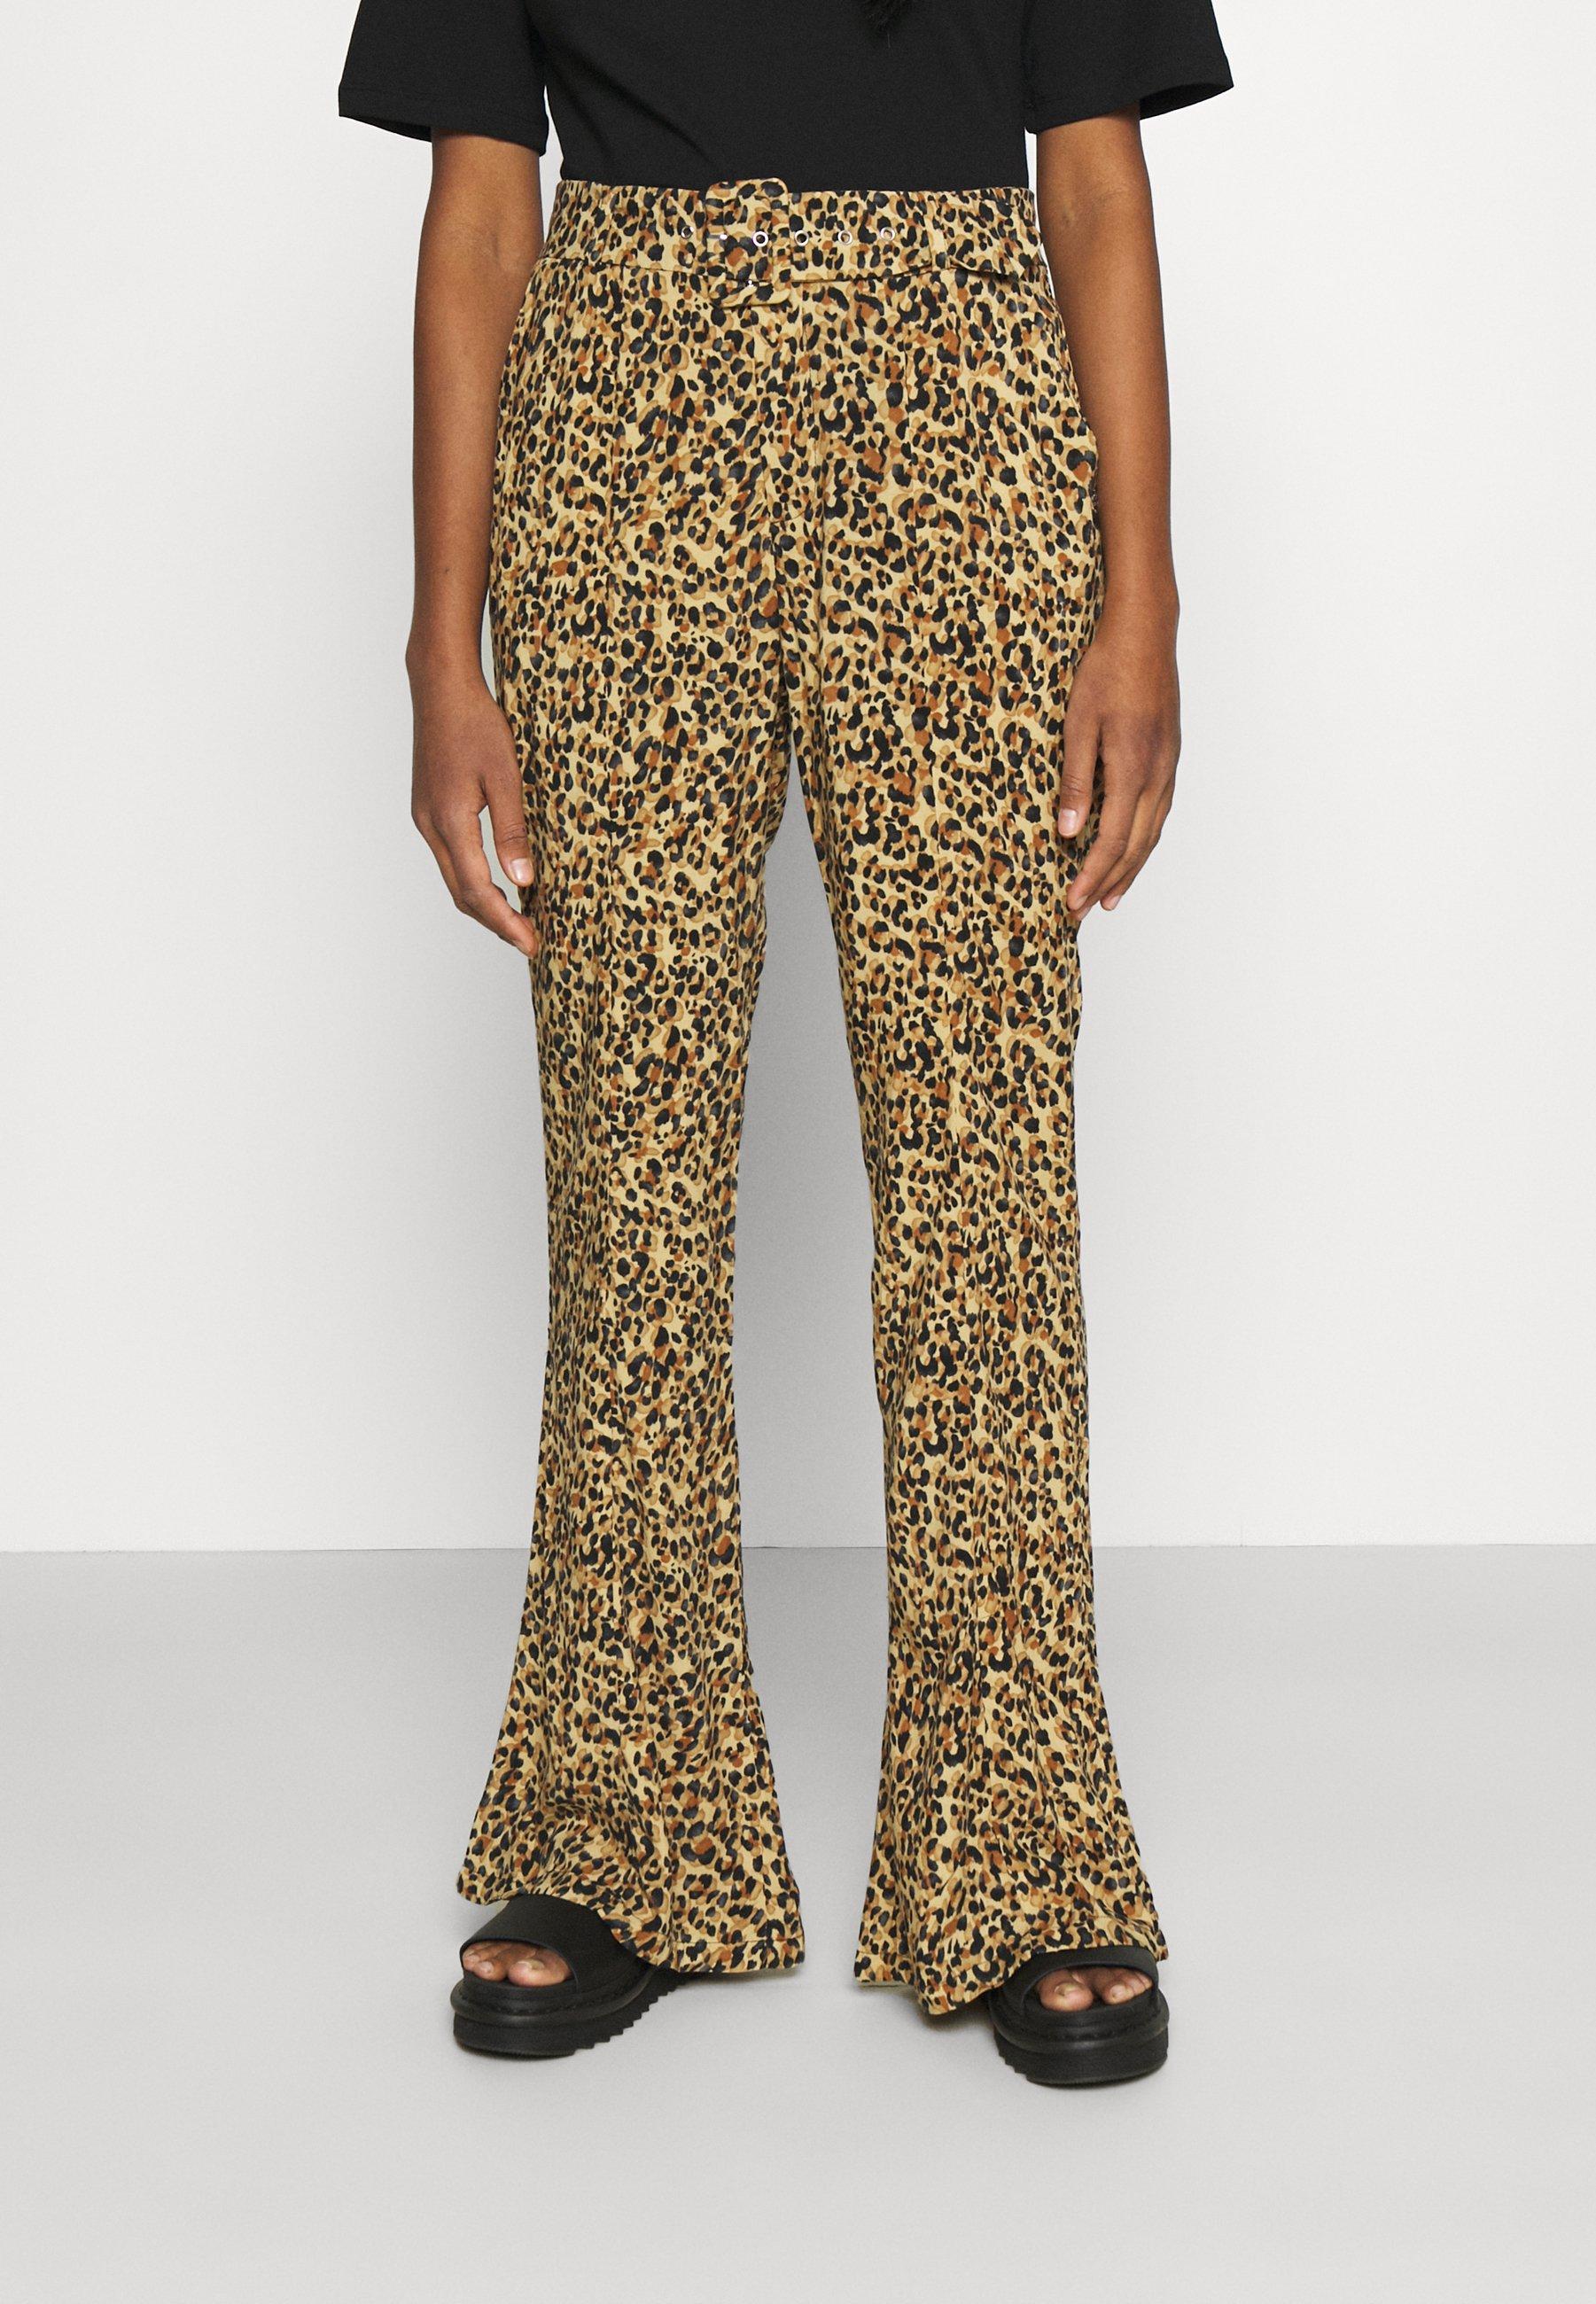 Femme DIANA LEOPARD PANTS - Pantalon classique